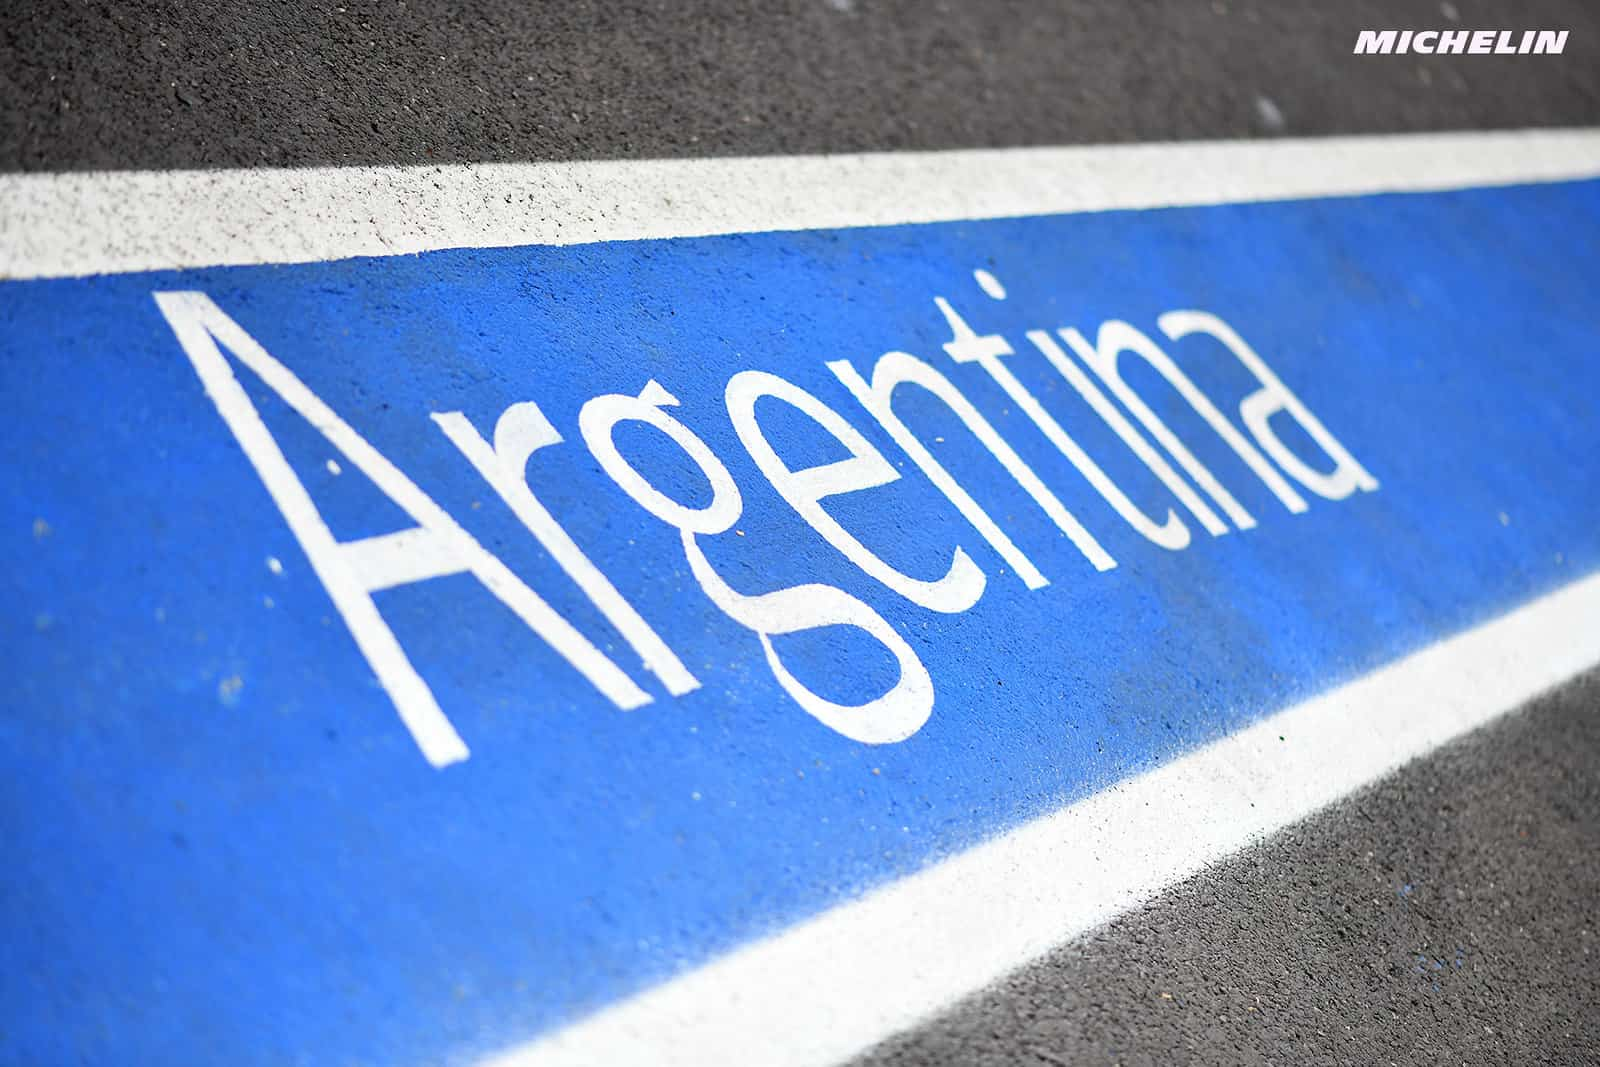 再改訂版MotoGP2020年カレンダー公表 開幕戦は4月19日のアルゼンチンGPか?